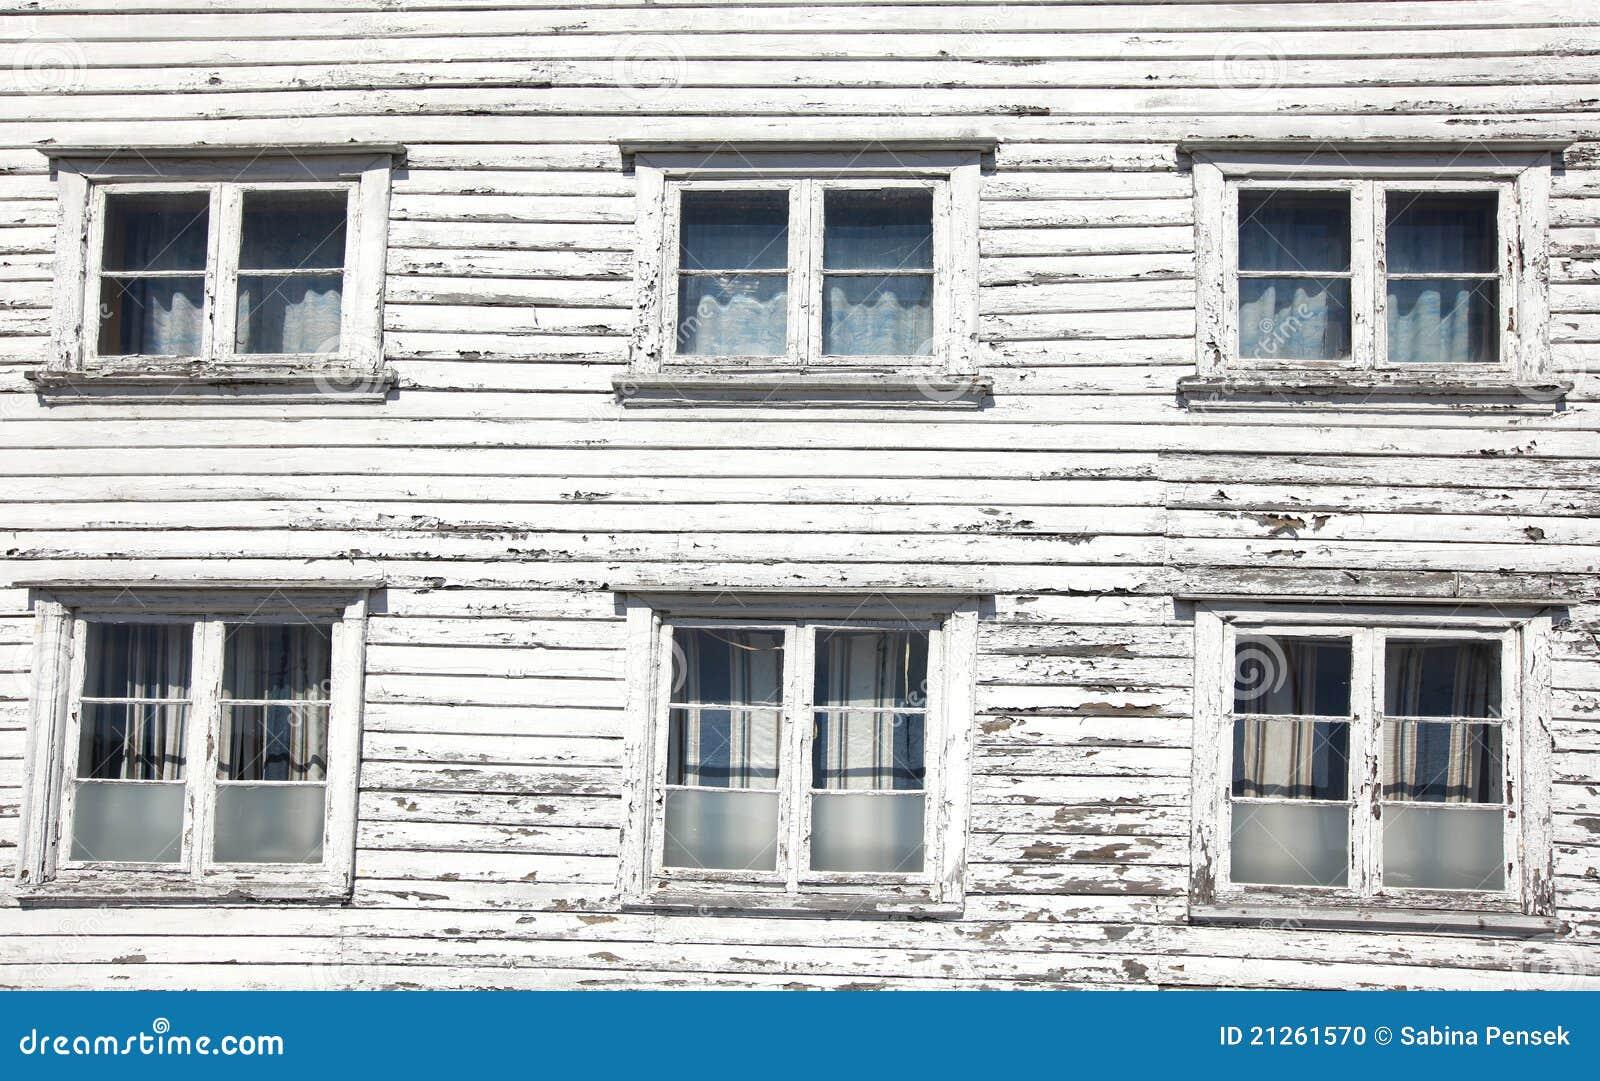 Seis ventanas en una casa de madera blanca foto de archivo - Casas de madera blancas ...